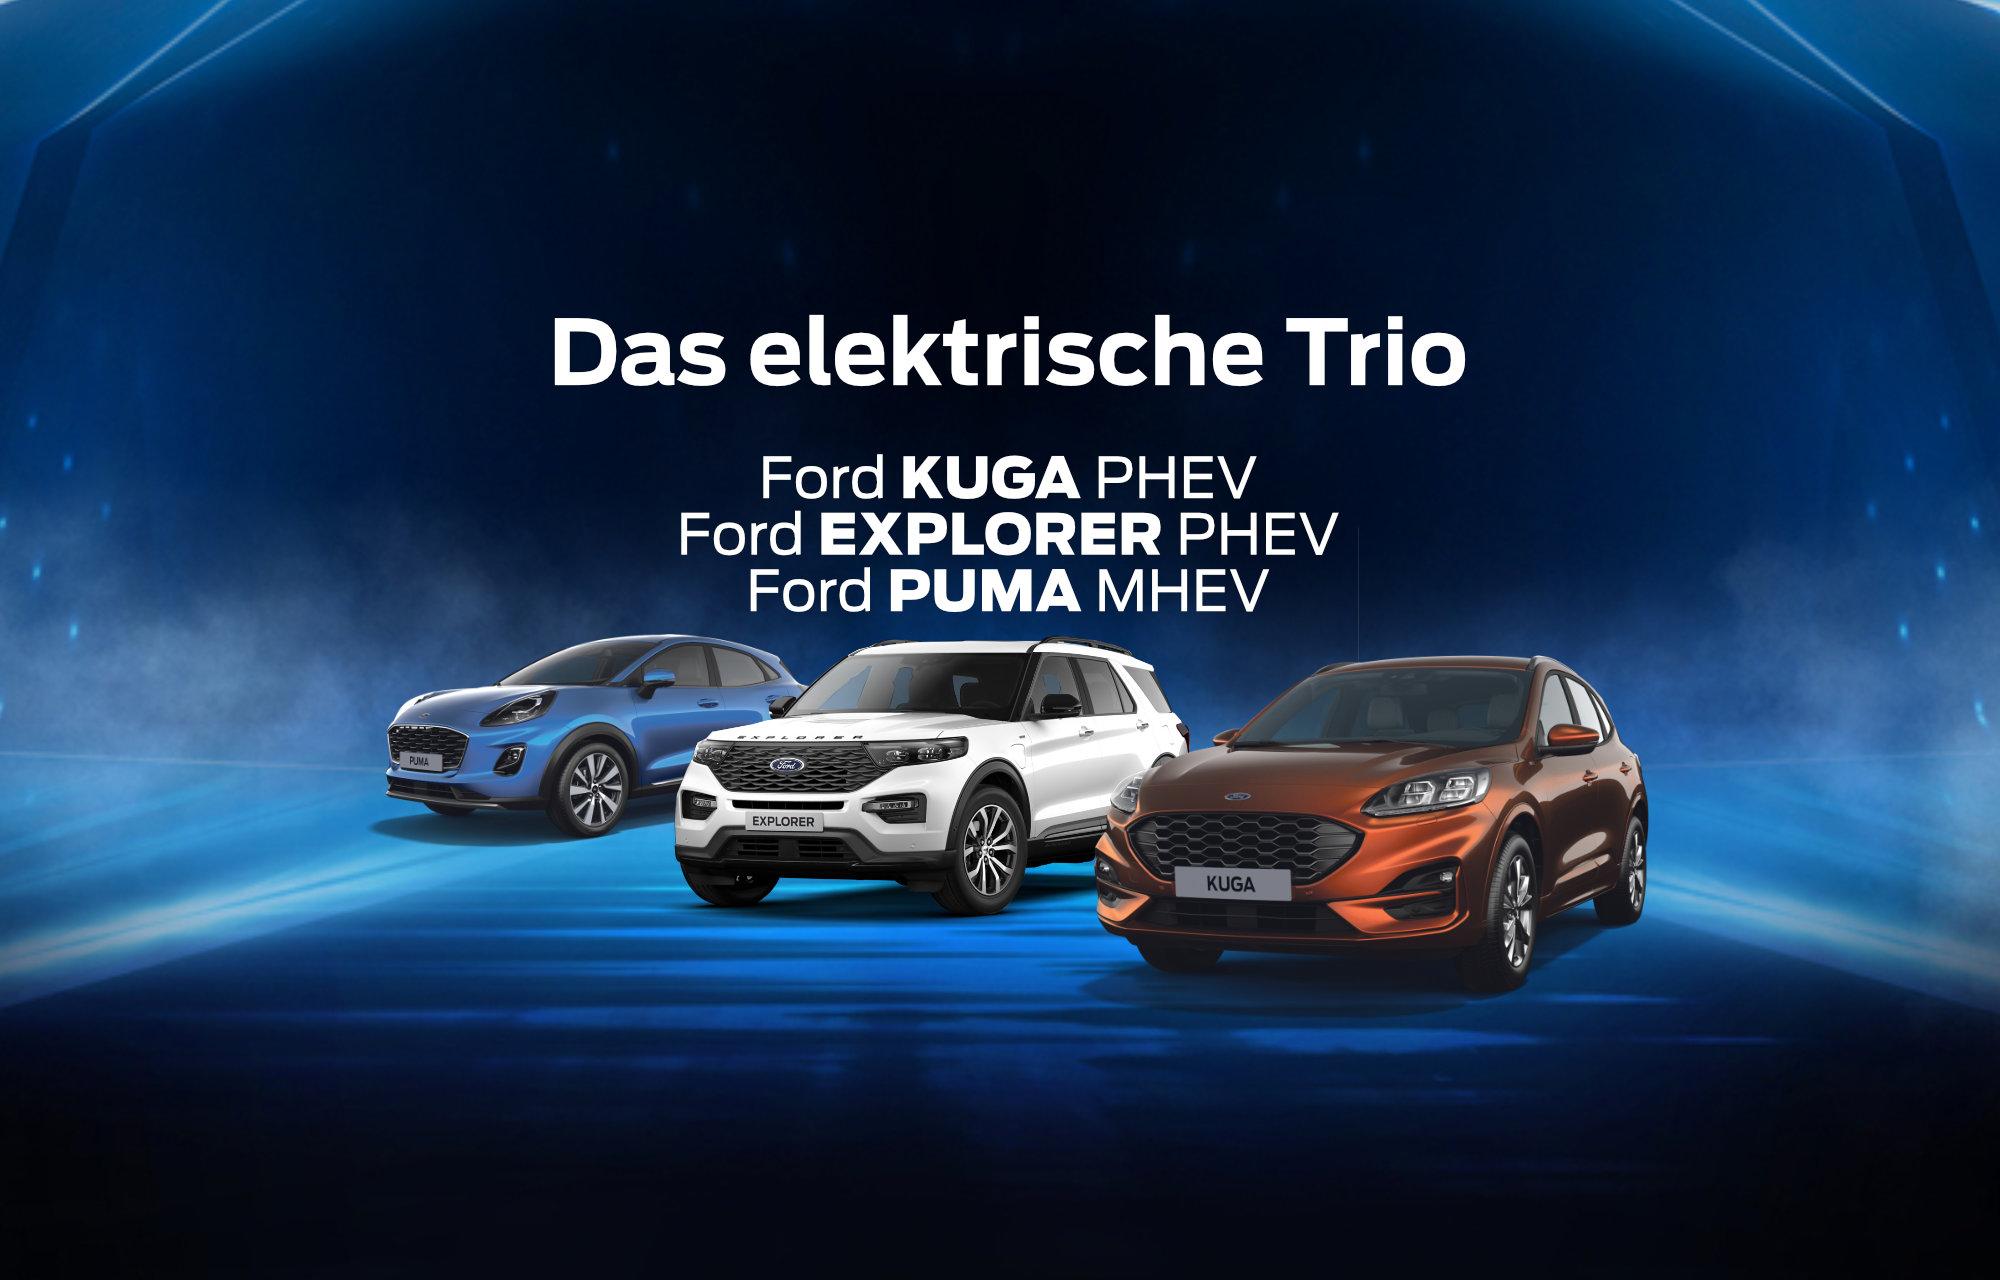 Testen Sie die elektrische Power unserer neusten Hybridfahrzeuge